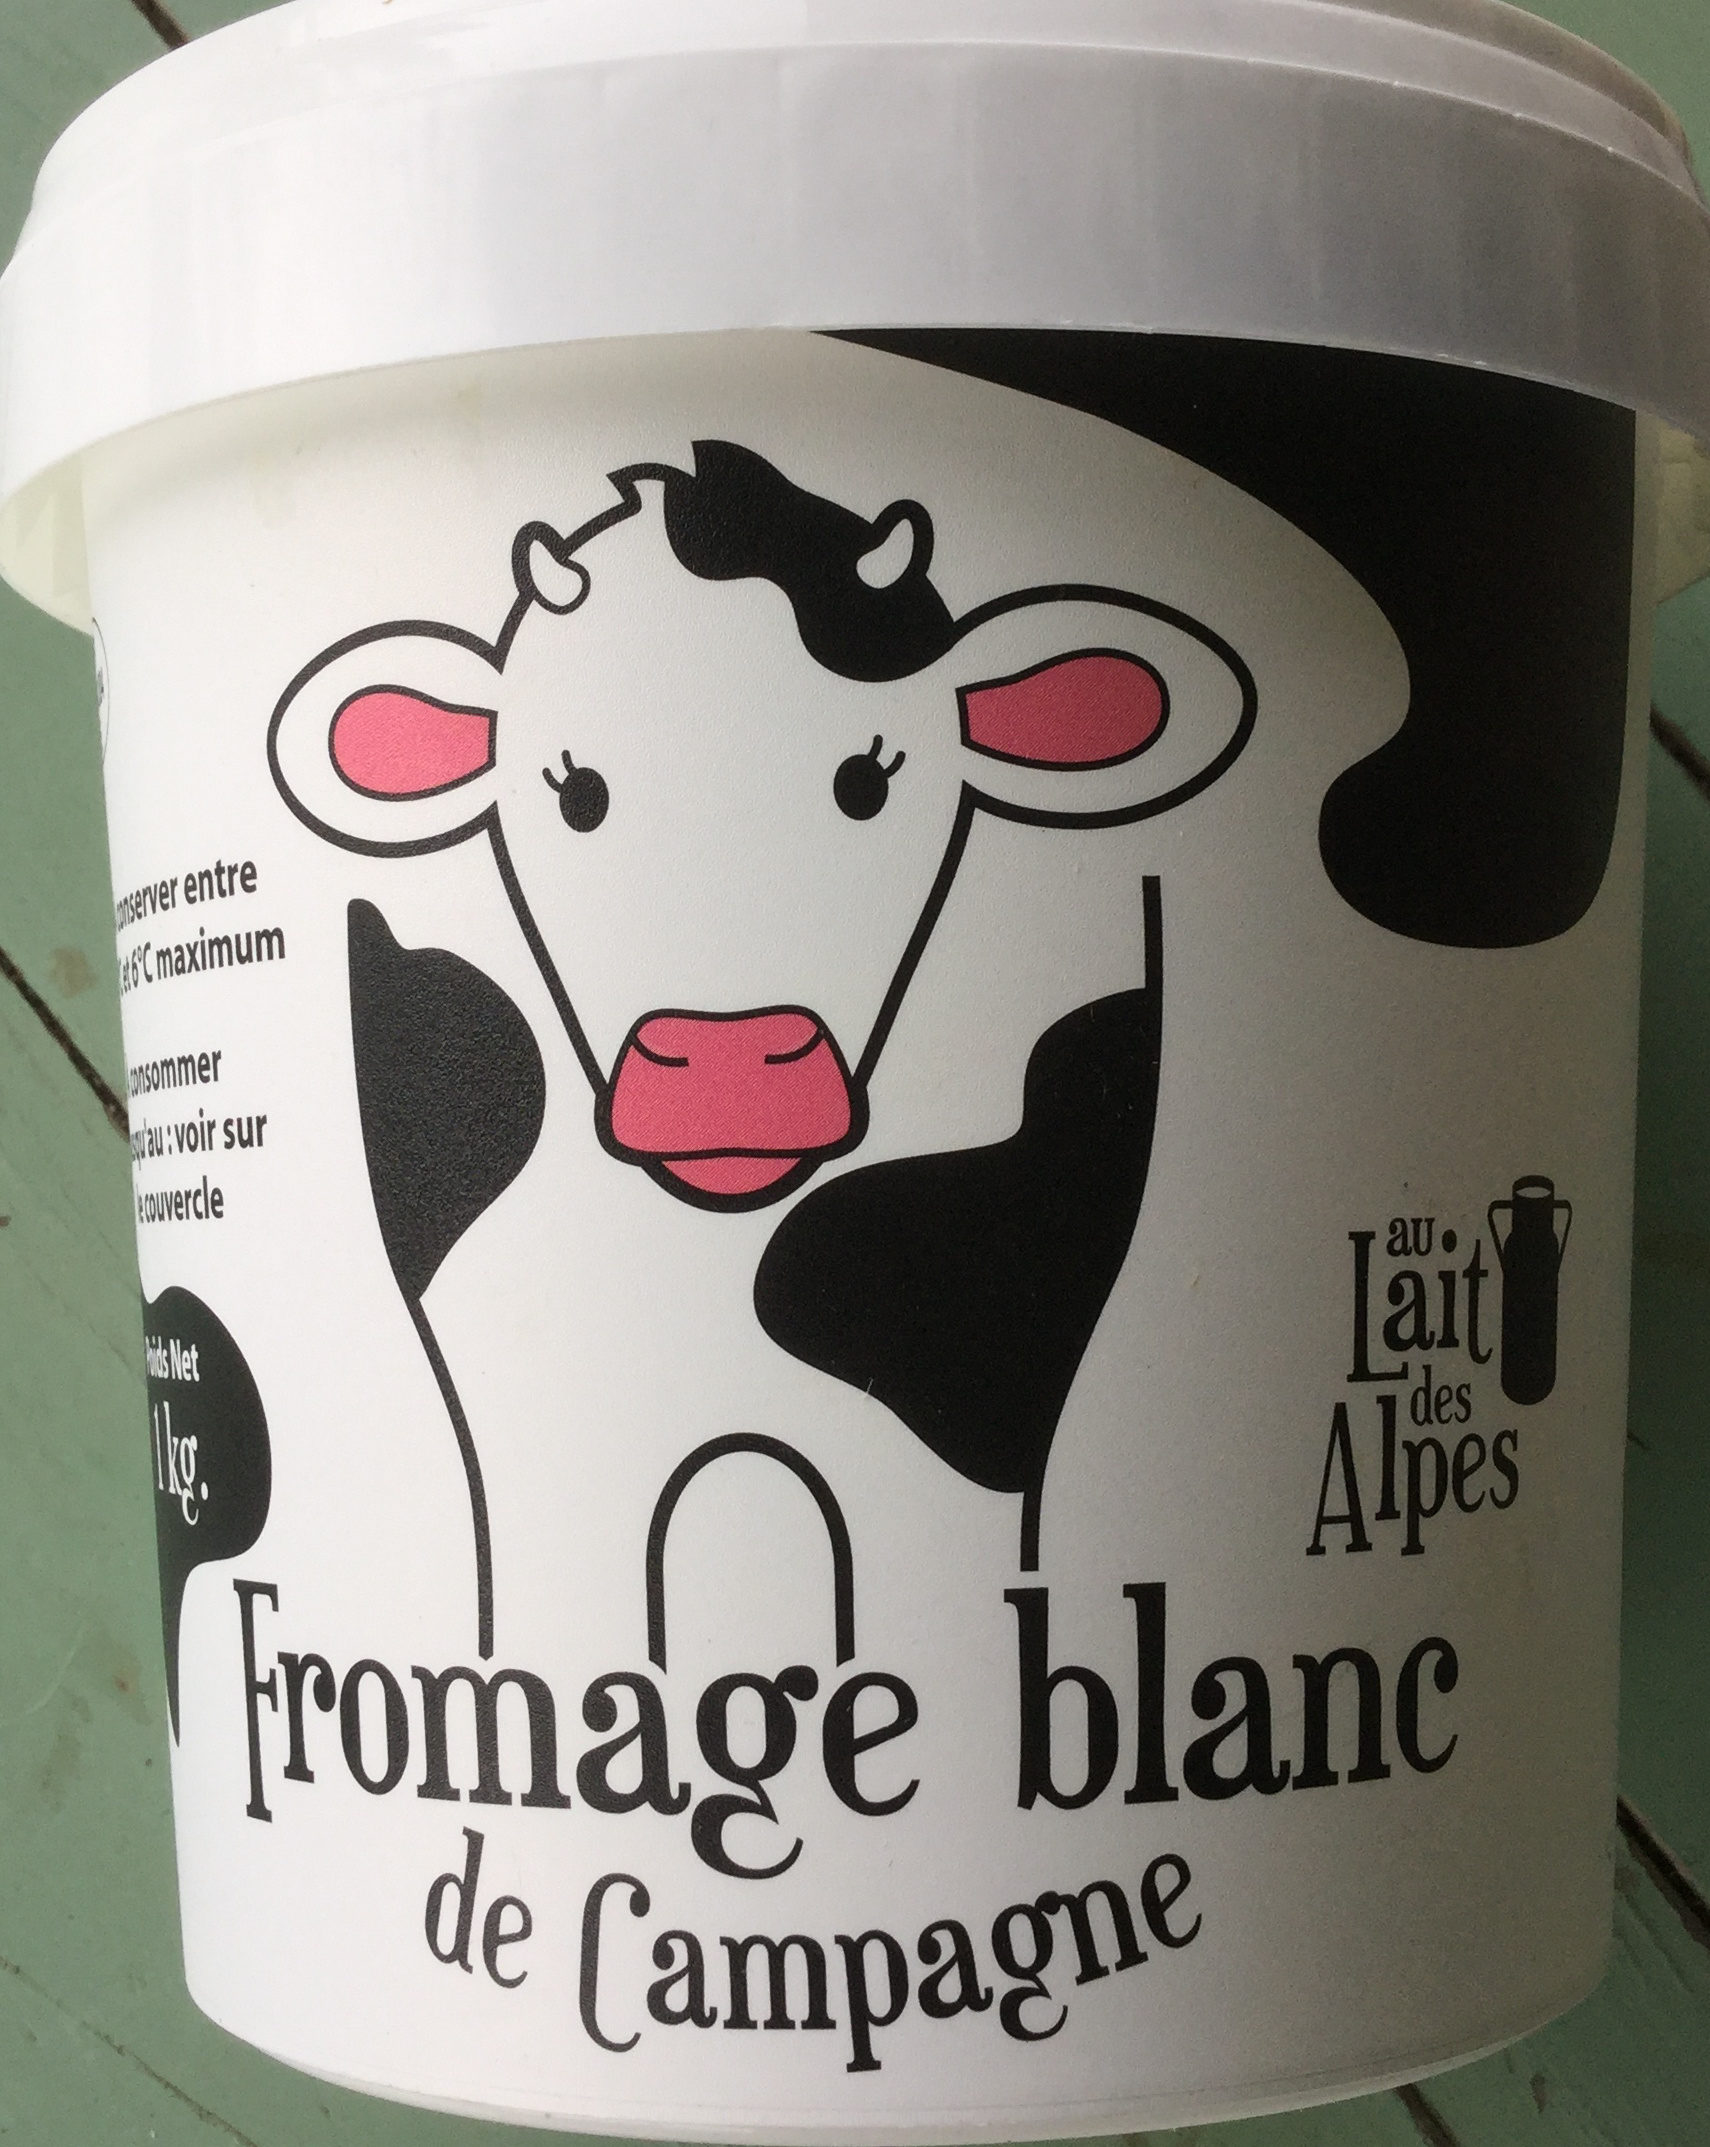 Fromage blanc de campagne au lait des Alpes - Produit - fr